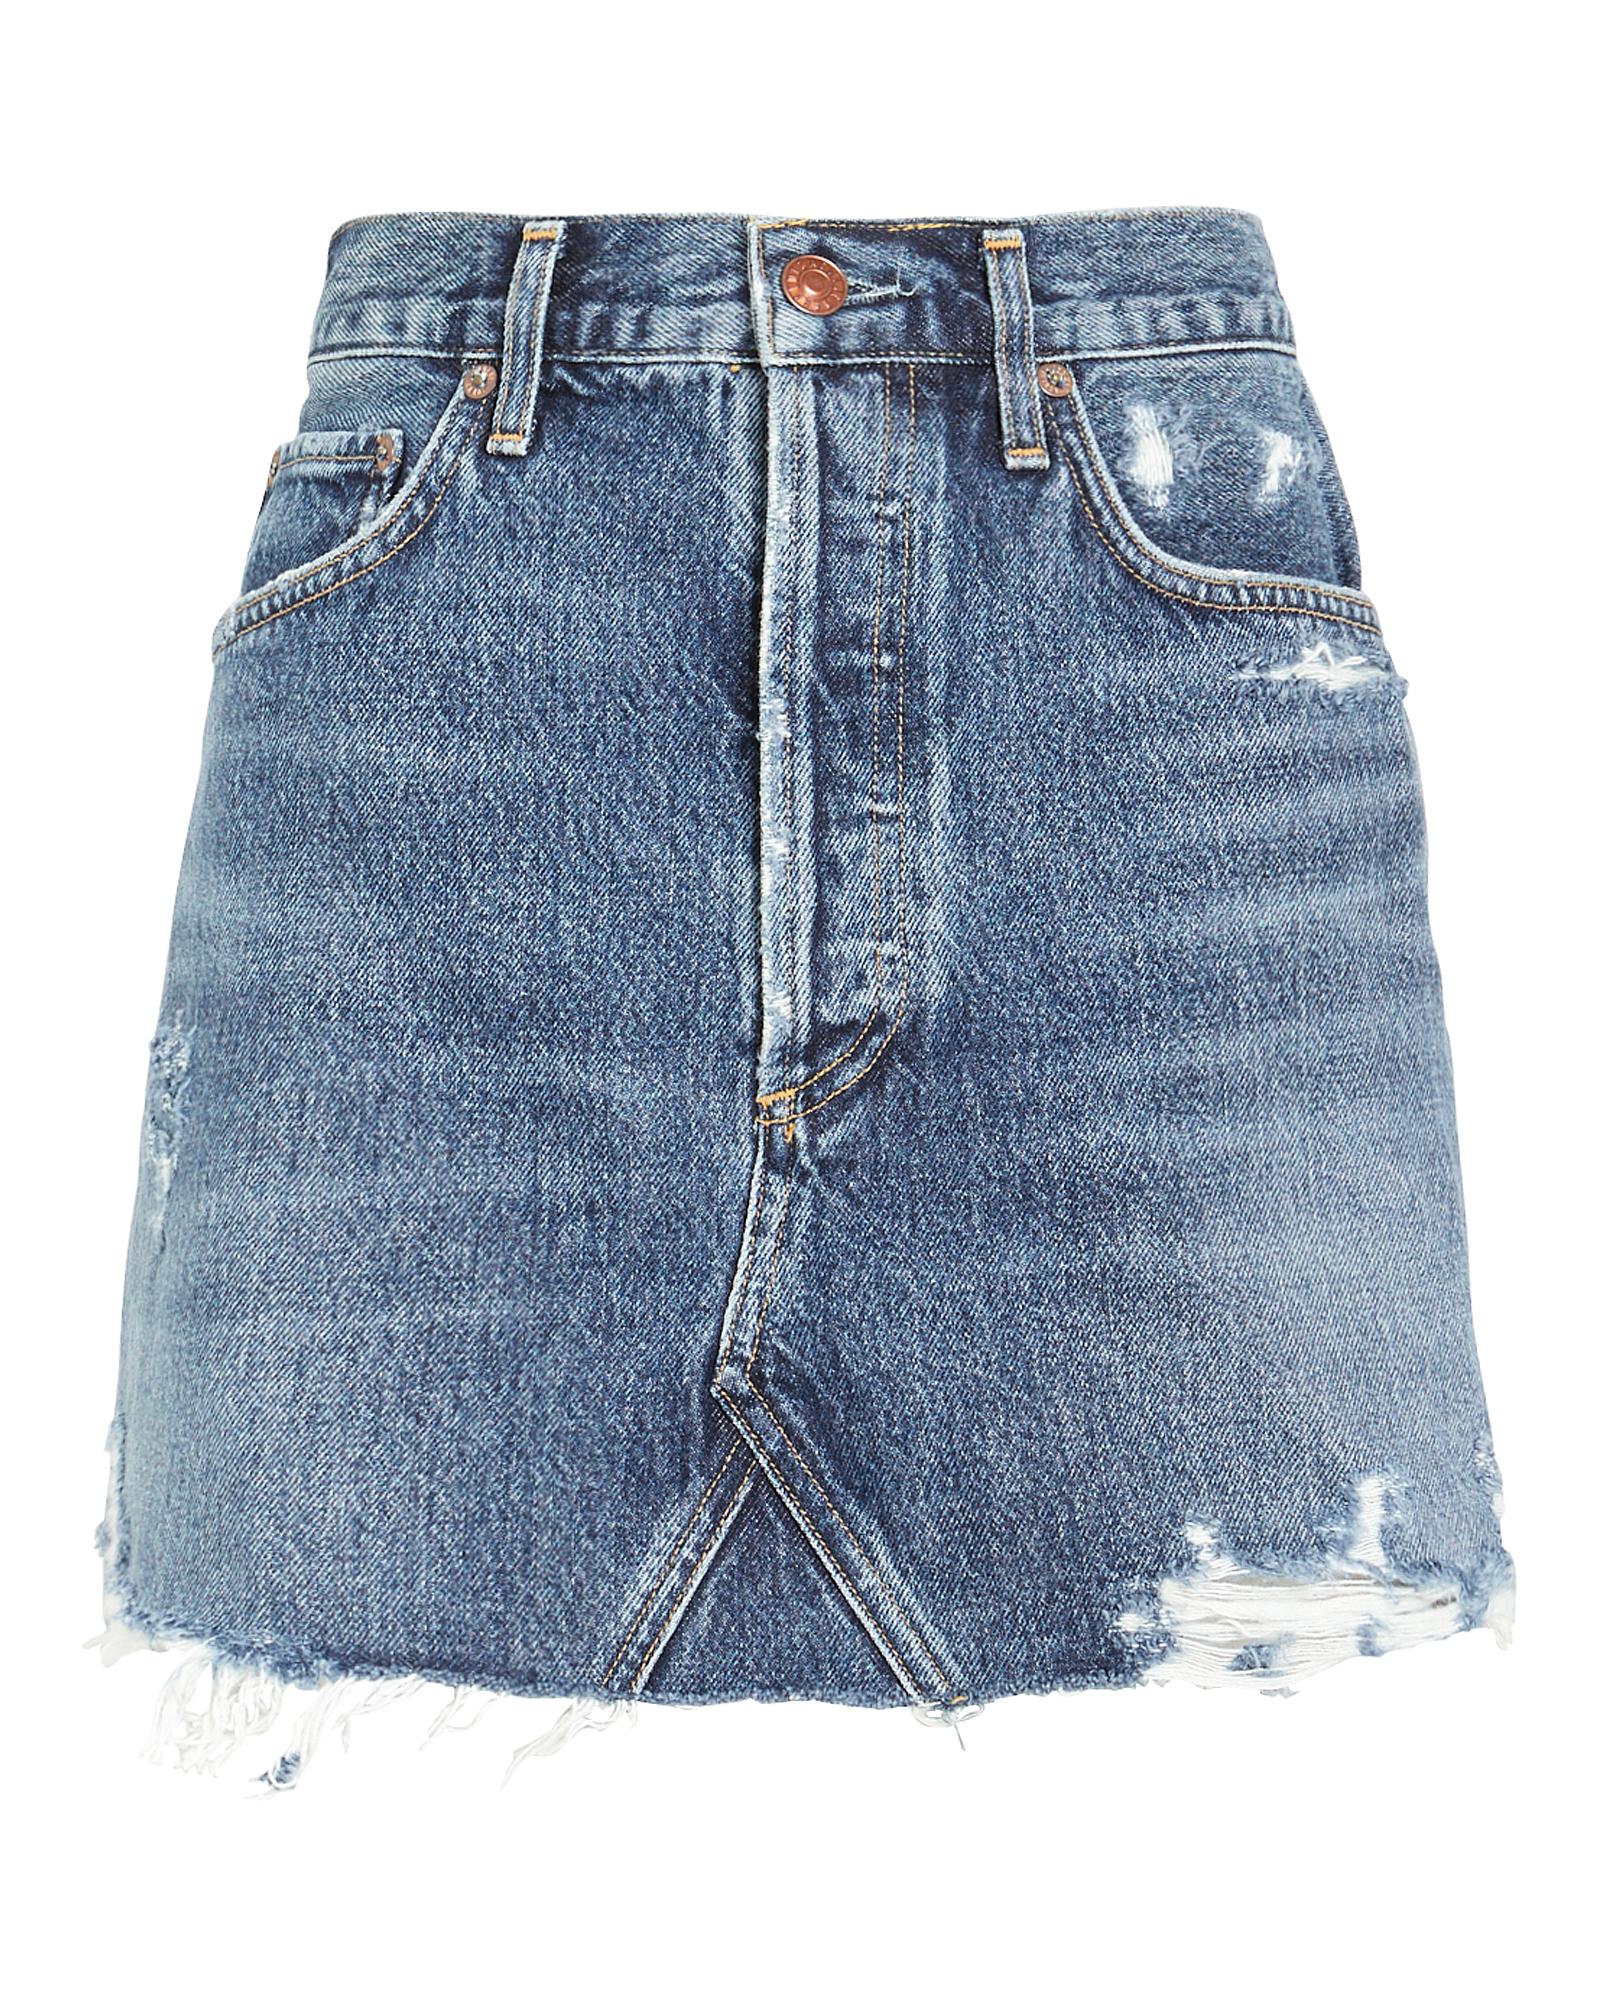 Agolde Skirts Quinn High-Rise Denim Skirt